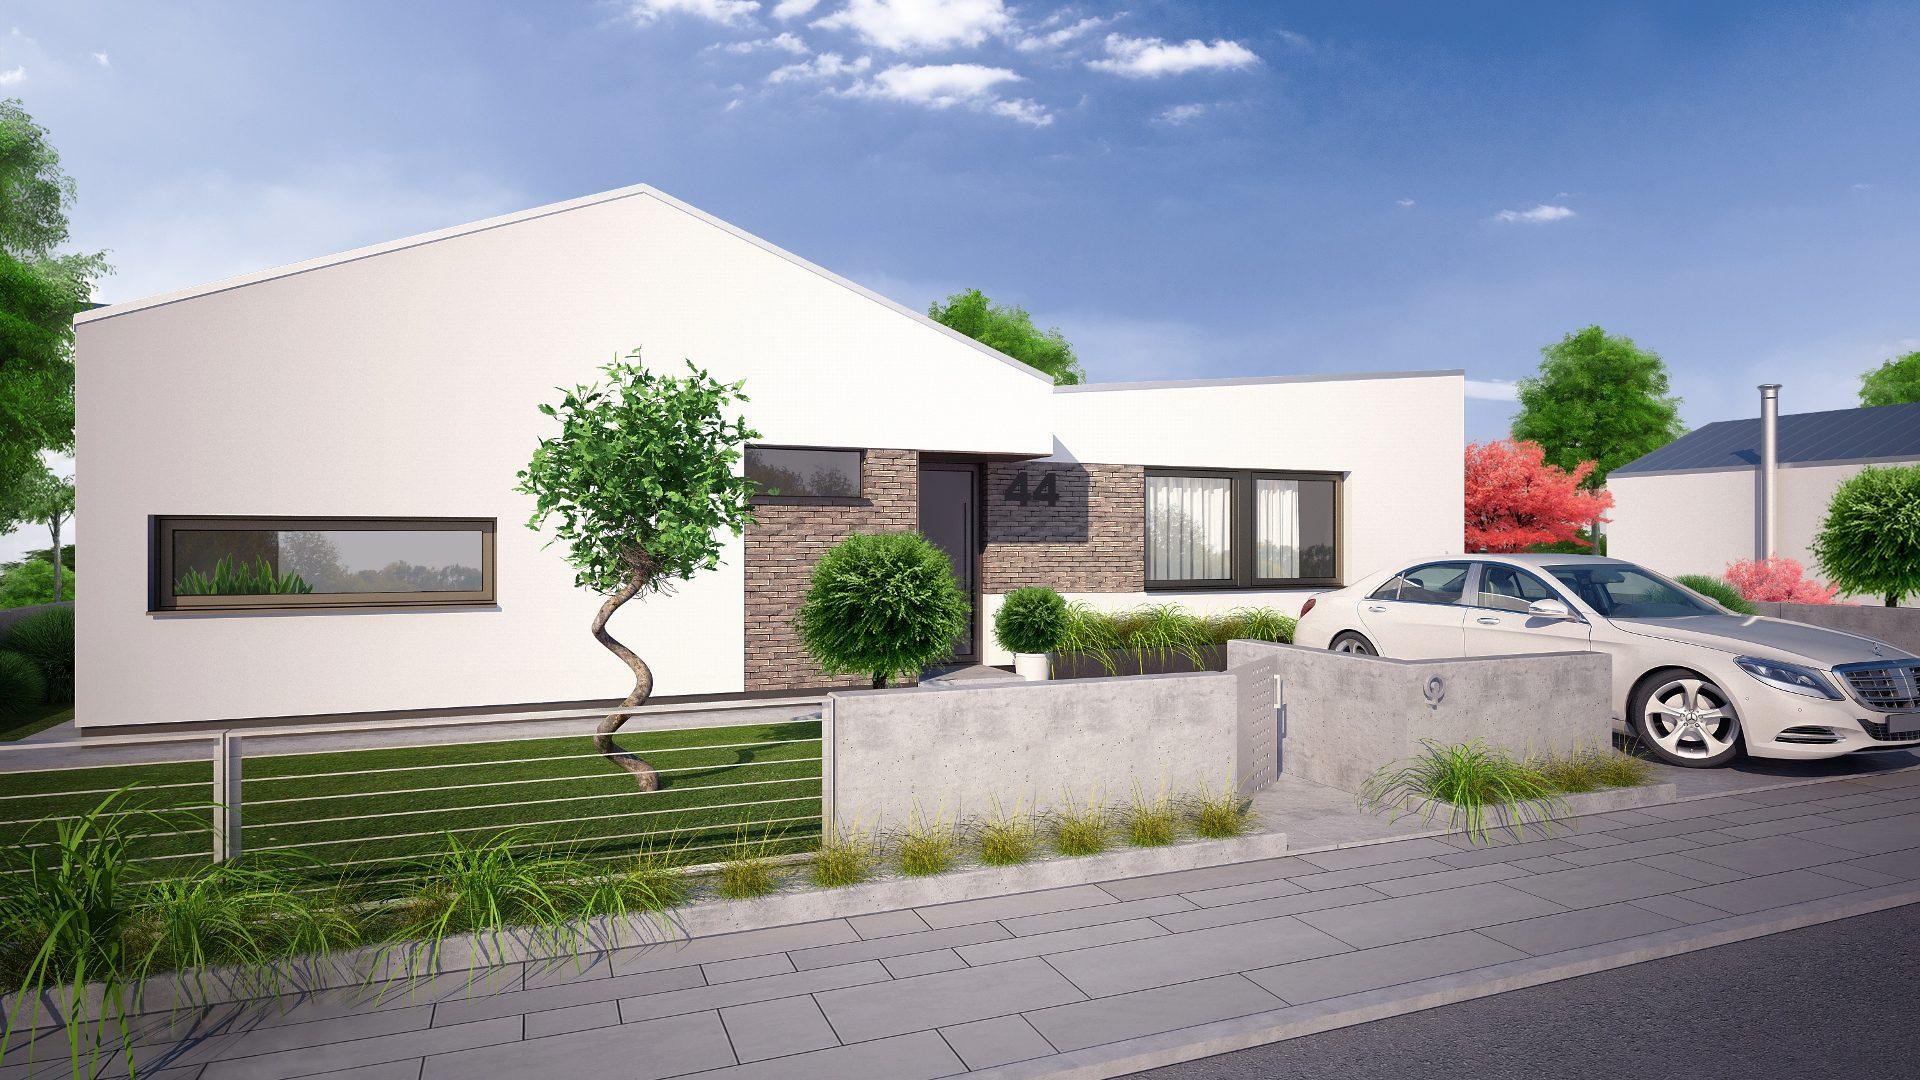 5-izbový rodinný dom v Zálesí - vizualizácia